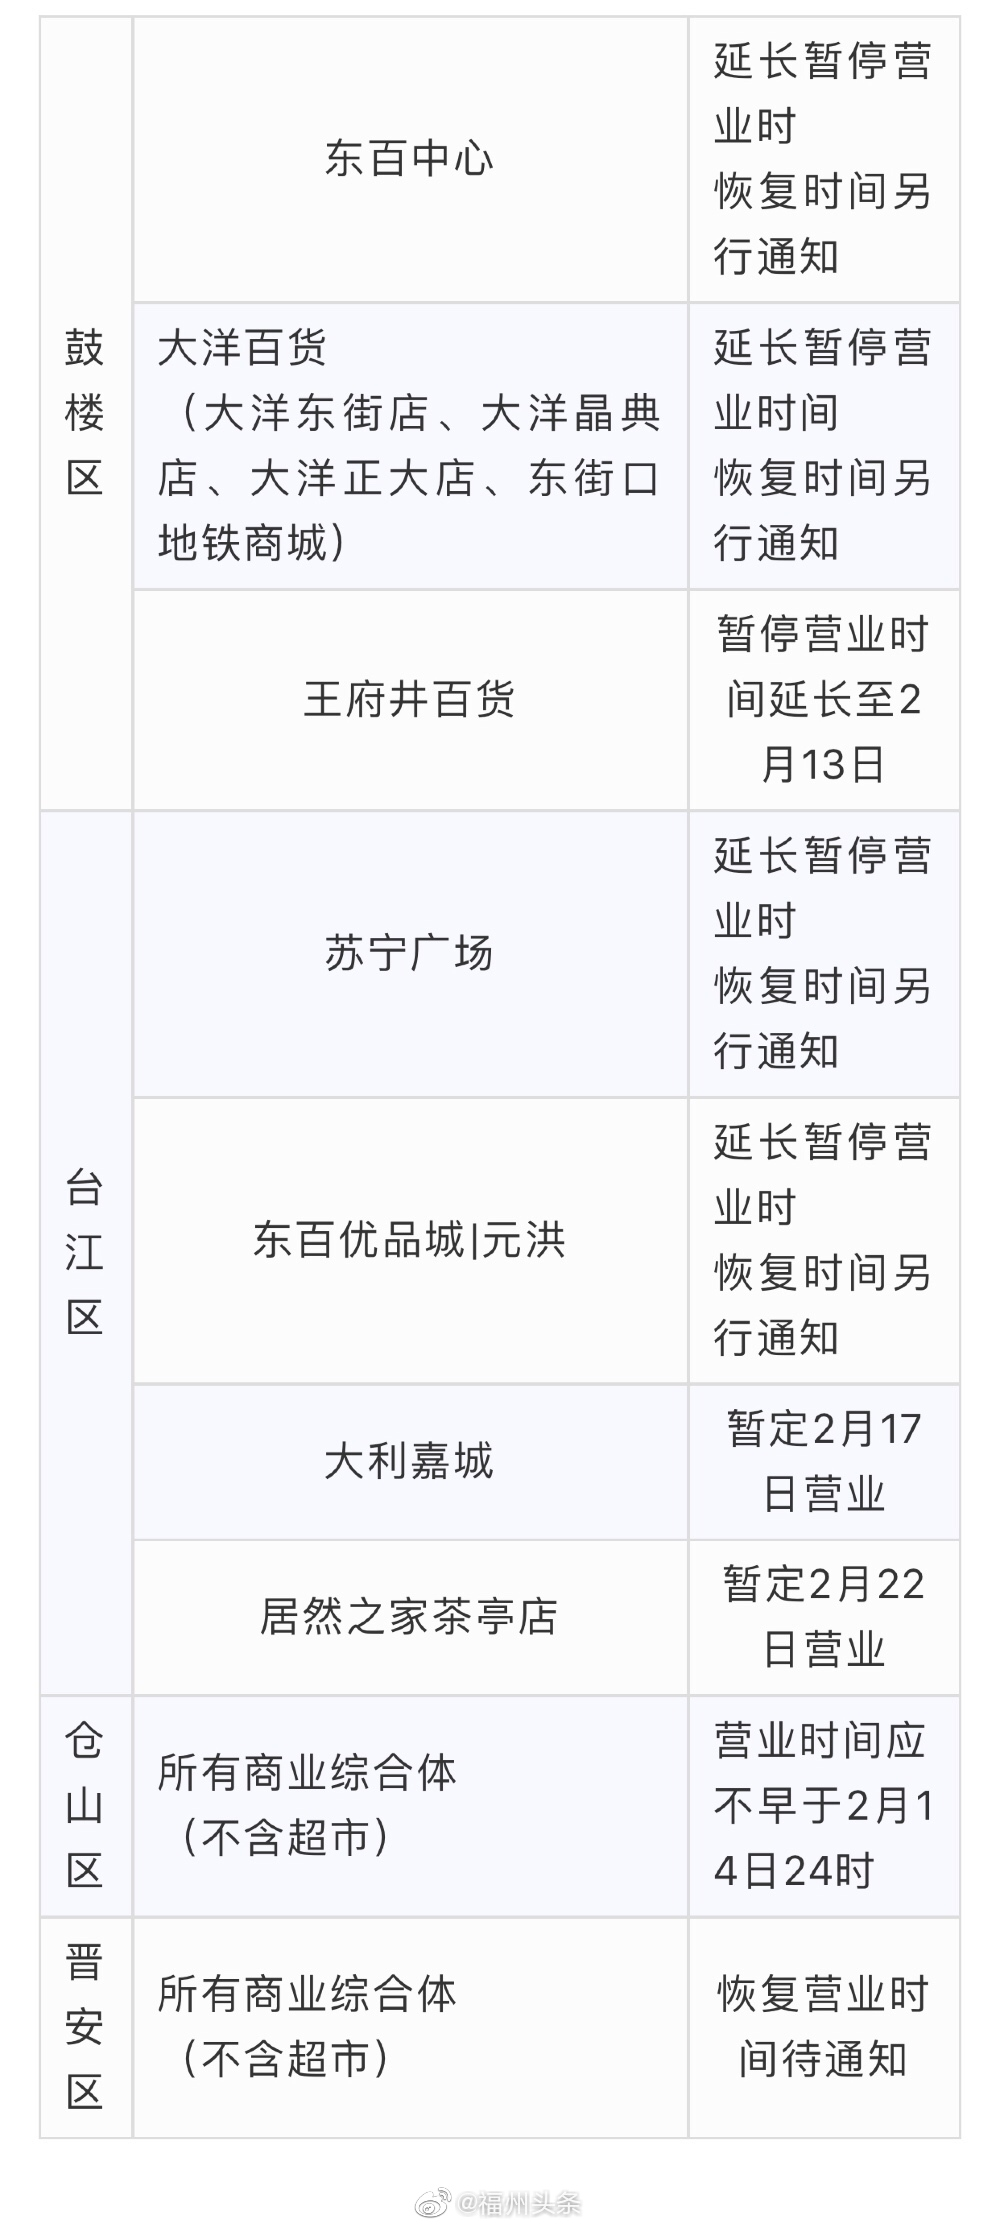 最新!东百、苏宁、泰禾广场等福州商超宣布延长停业